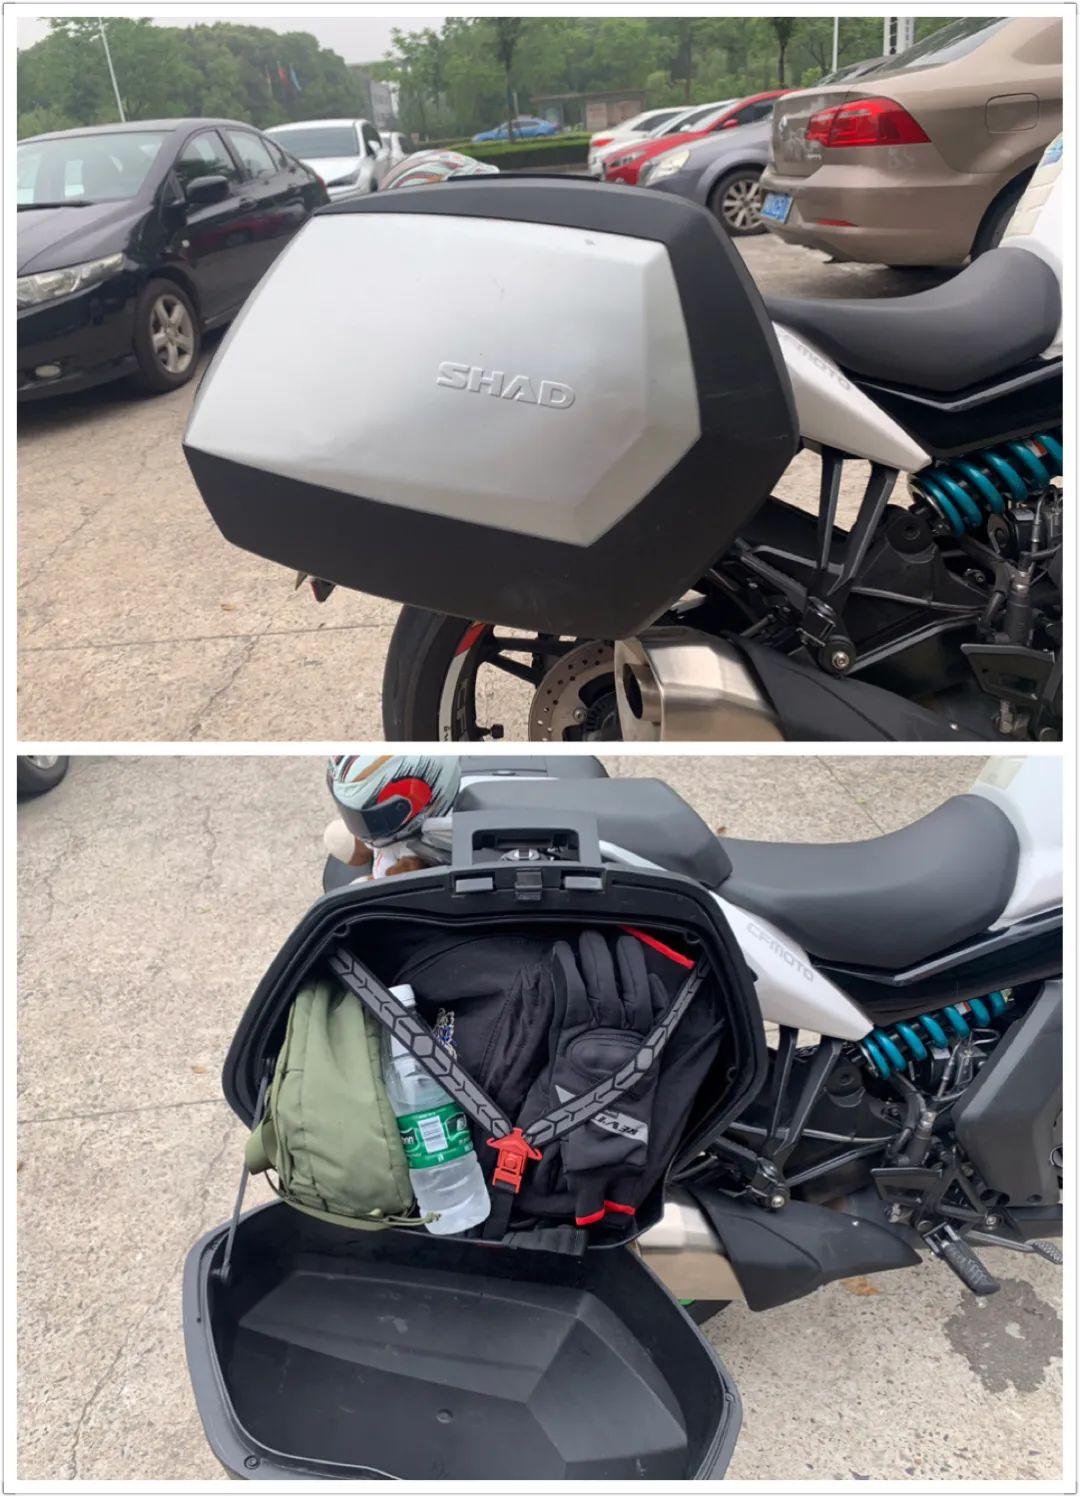 兼顾运动与诗和远方—春风650GT 一万公里使用报告-第4张图片-春风行摩托车之家